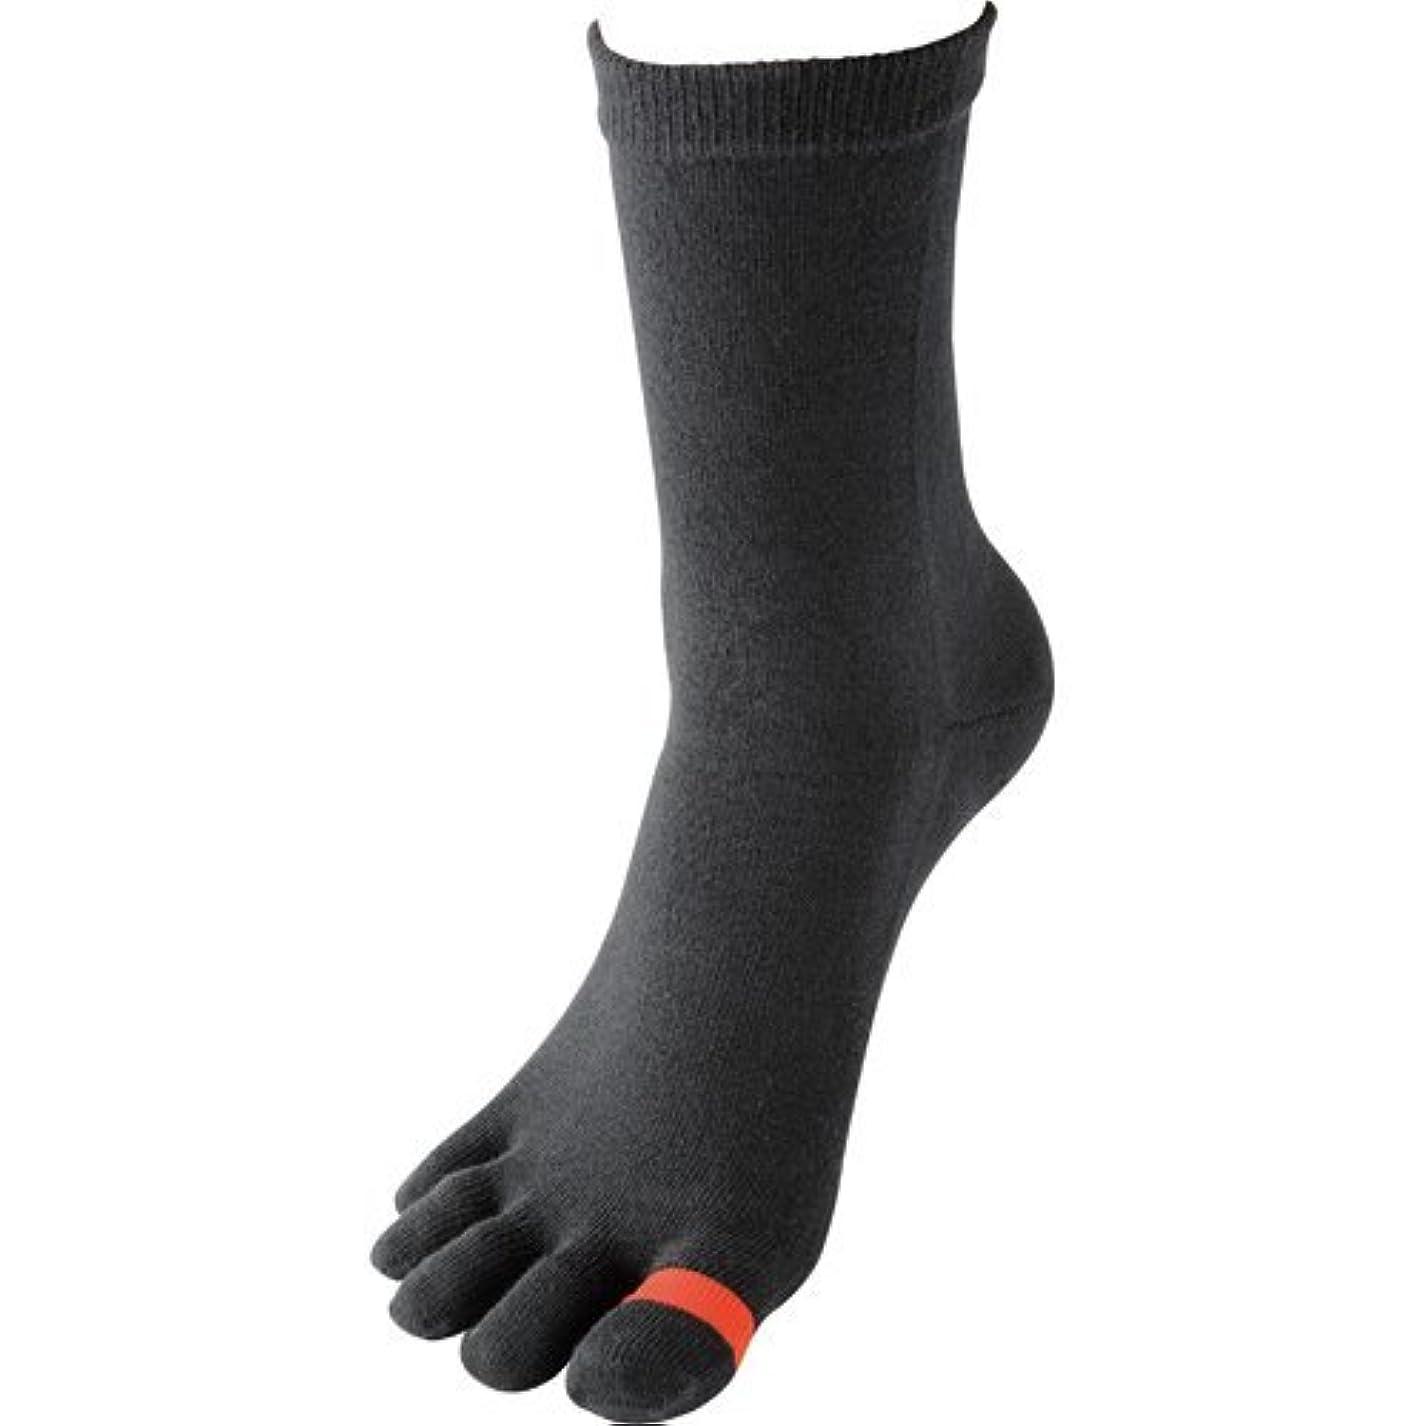 食品足枷砦勝野式 親指リング靴下 履くだけ簡単 足裏ストレッチ効果で外反母趾対策